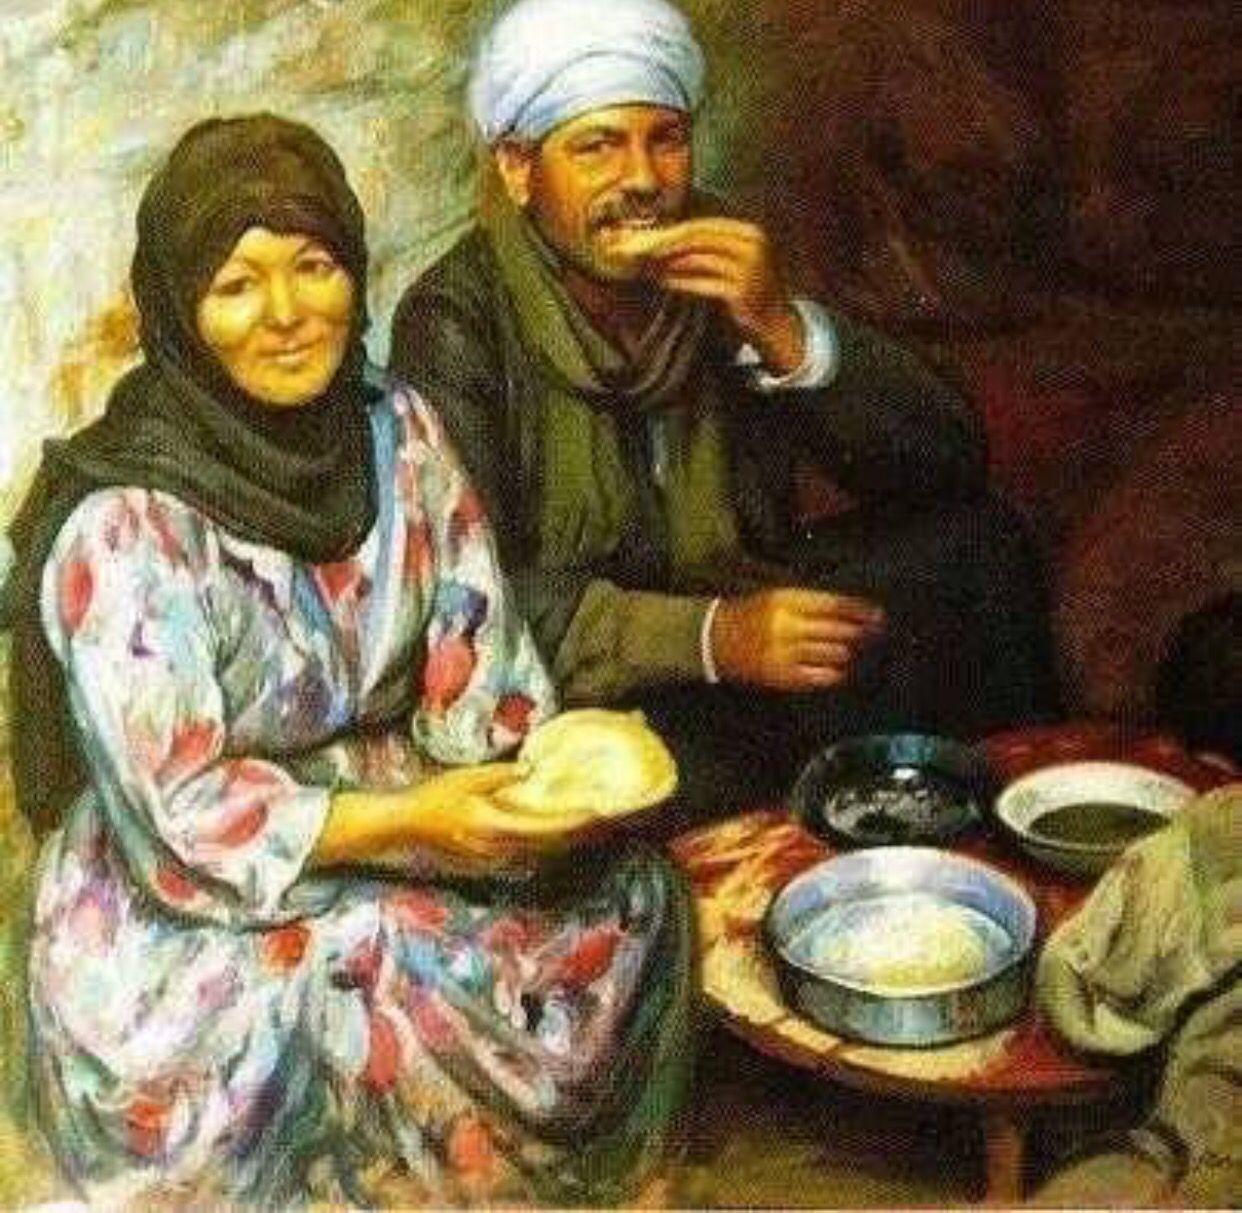 أحب البسطاء فهم أنقى الناس صباح النقاء والصفاء Egyptian Painting Egyptian Art Arabian Art